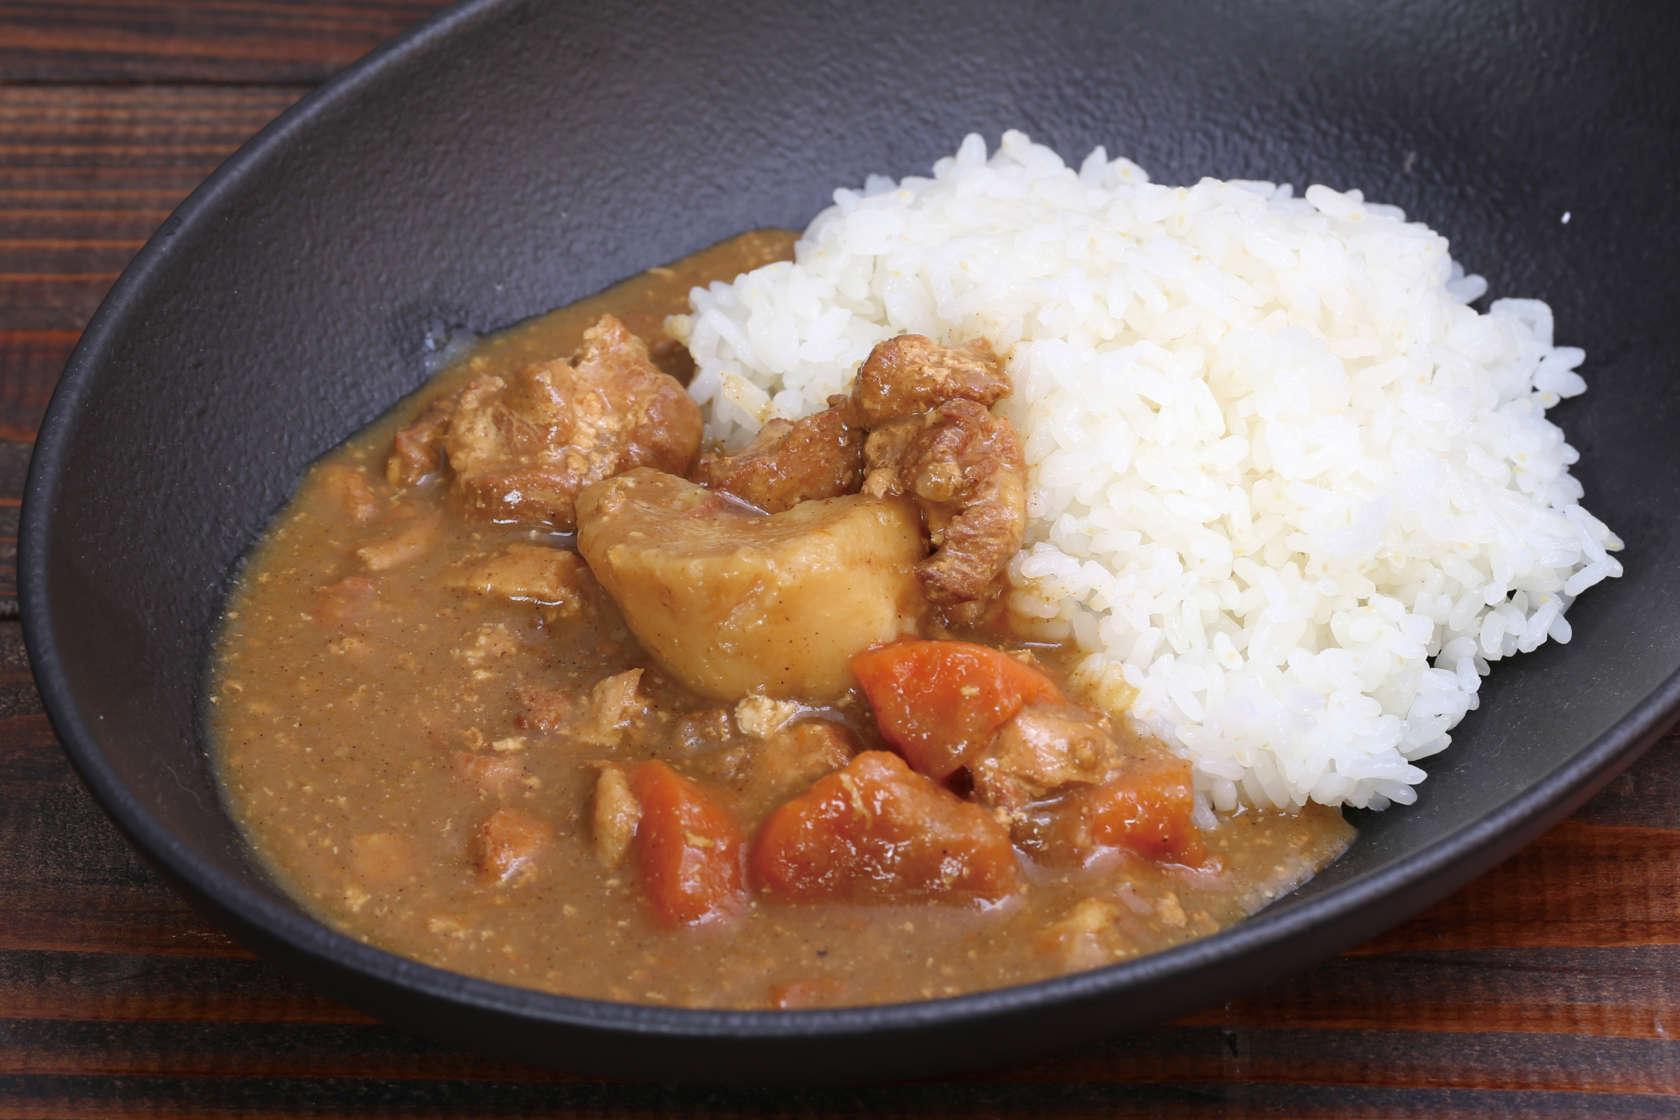 米ヶ岡鶏のごろっと野菜のカレー